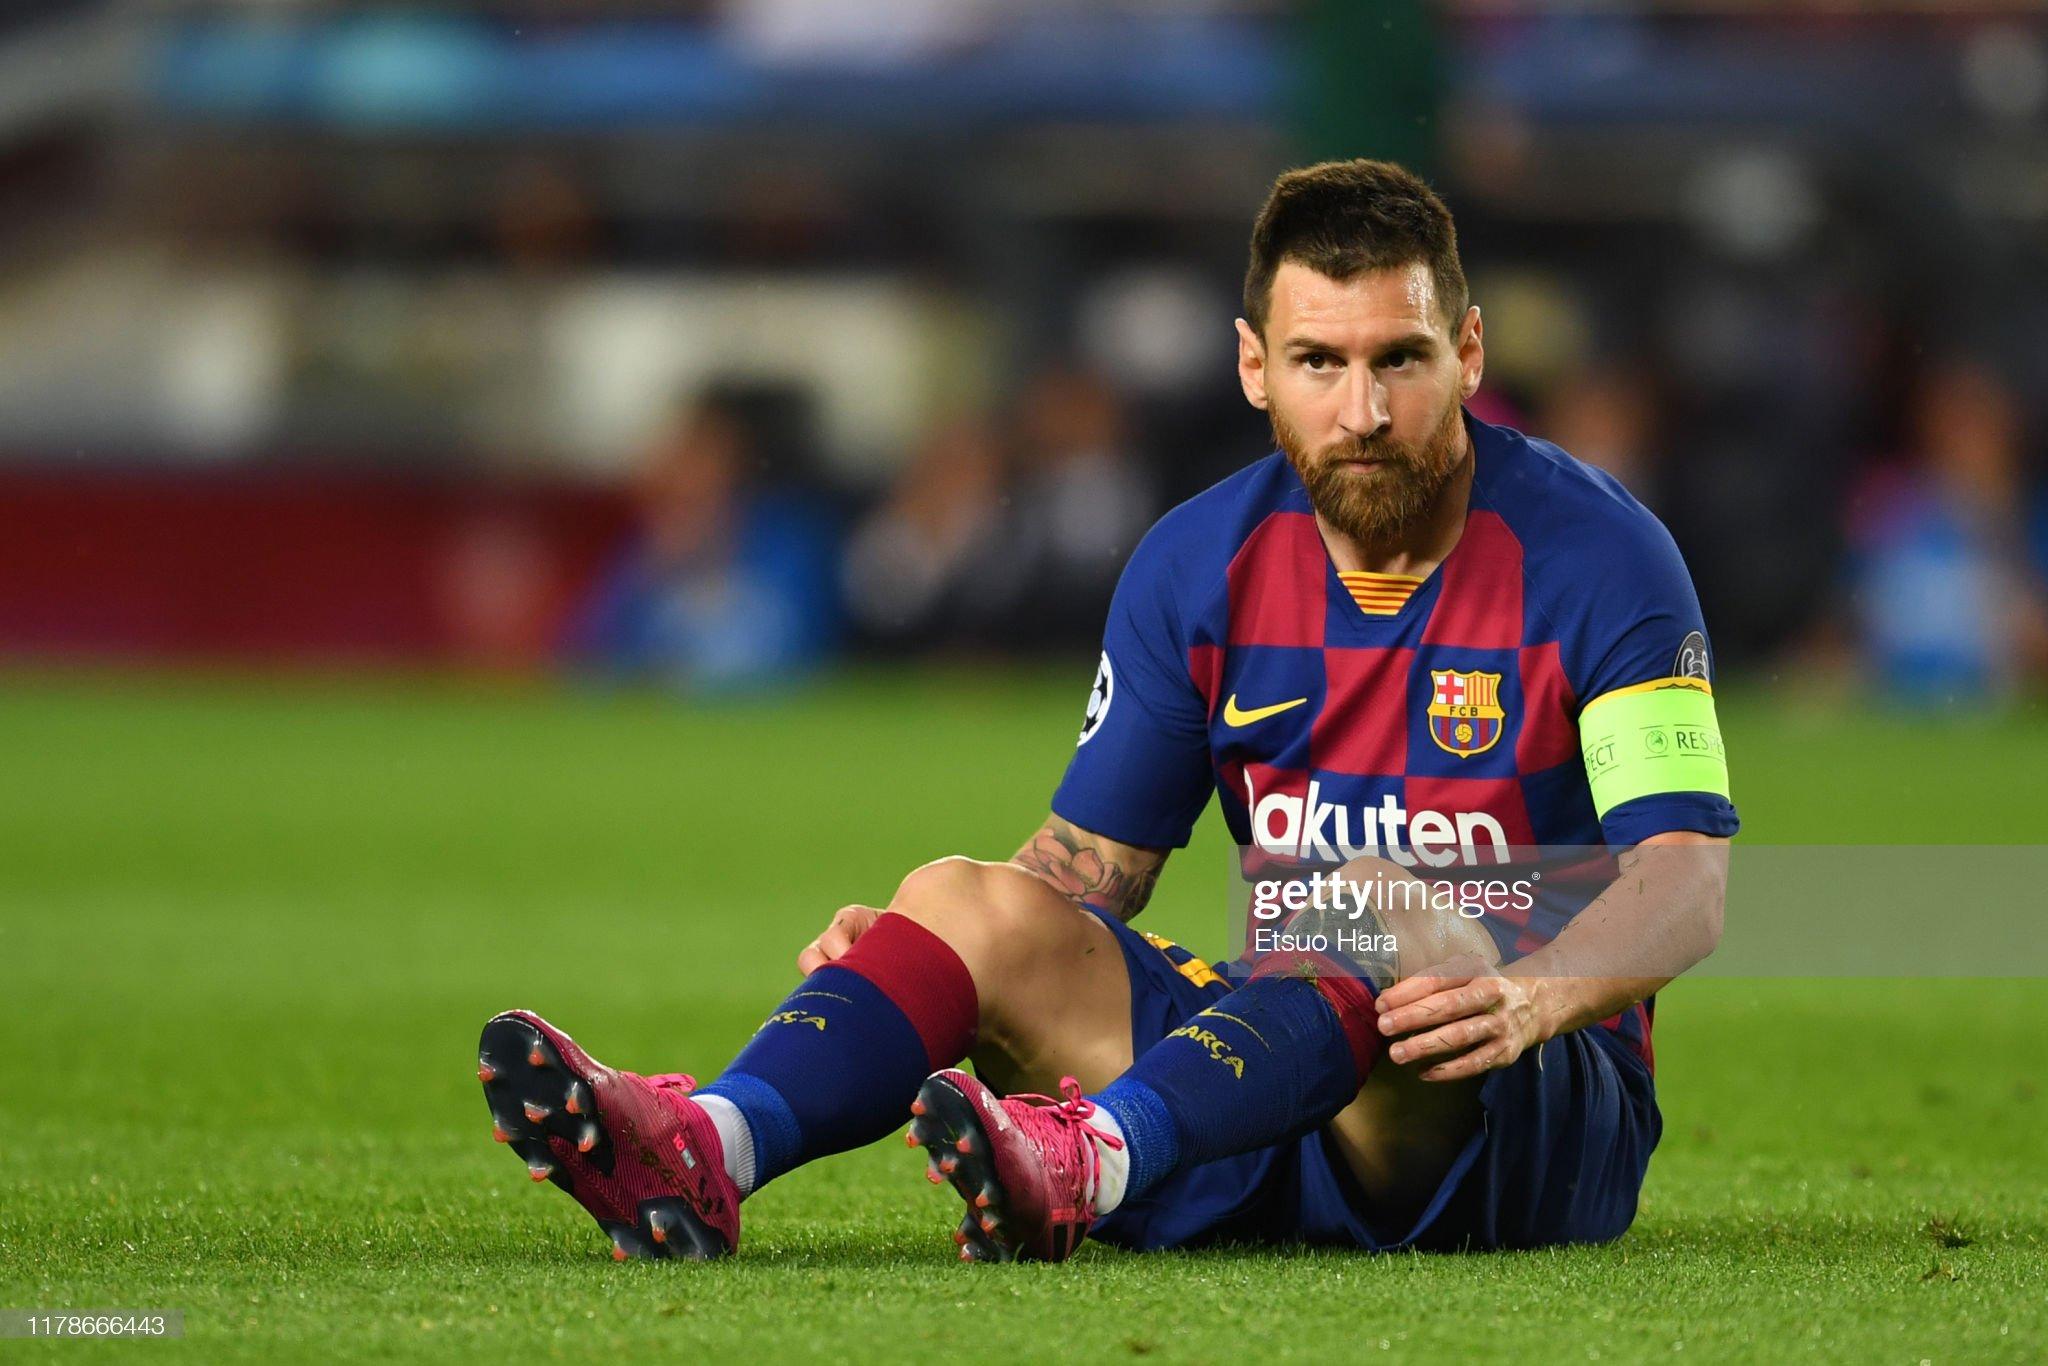 صور مباراة : برشلونة - إنتر 2-1 ( 02-10-2019 )  Lionel-messi-of-fc-barcelona-looks-on-during-the-uefa-champions-f-picture-id1178666443?s=2048x2048